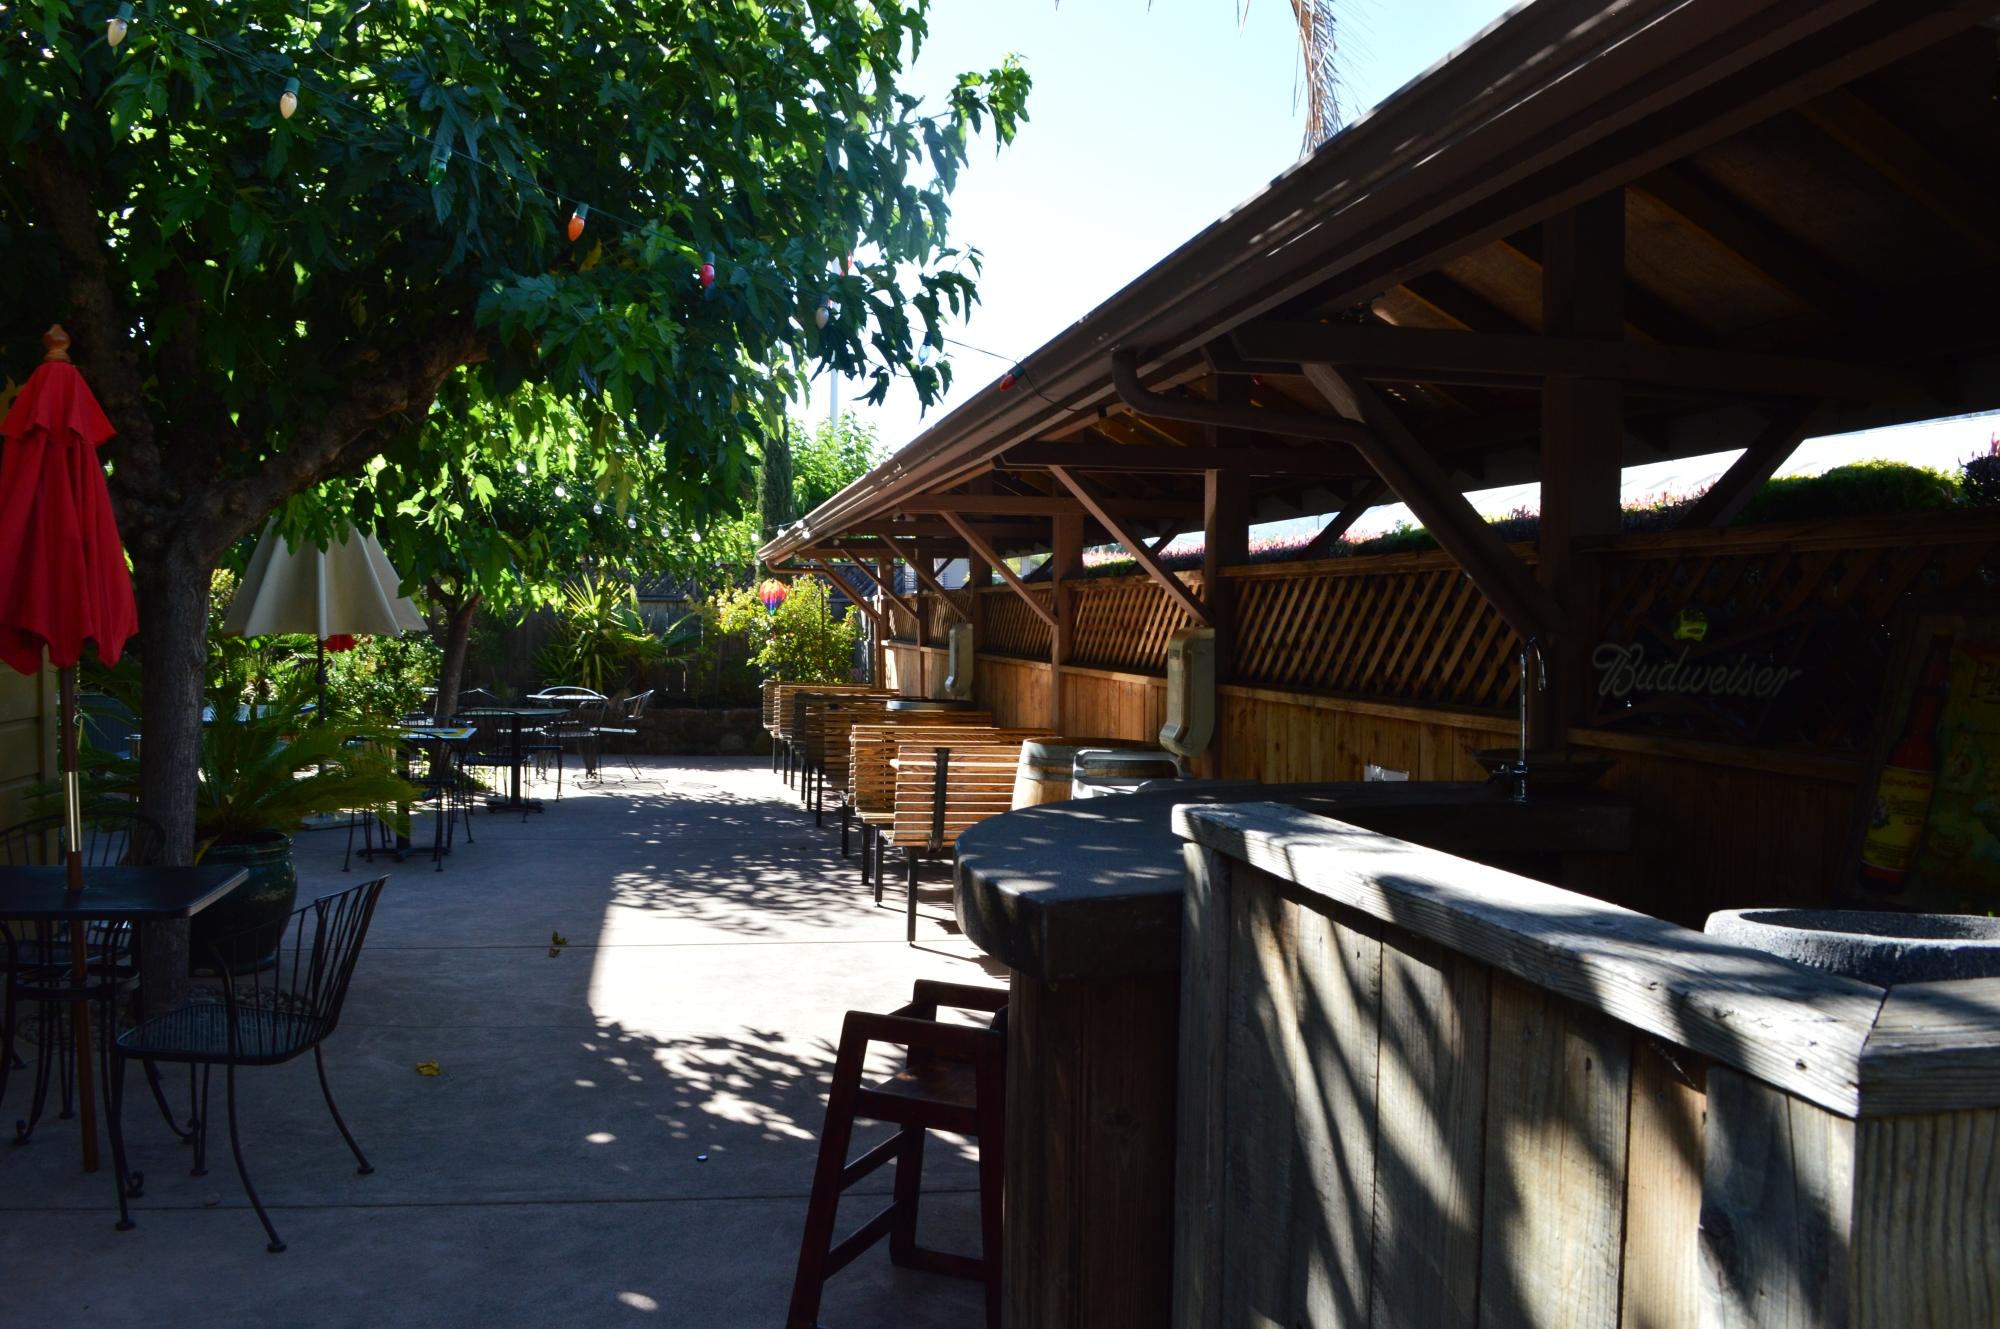 location u2013 palisades deli cafe